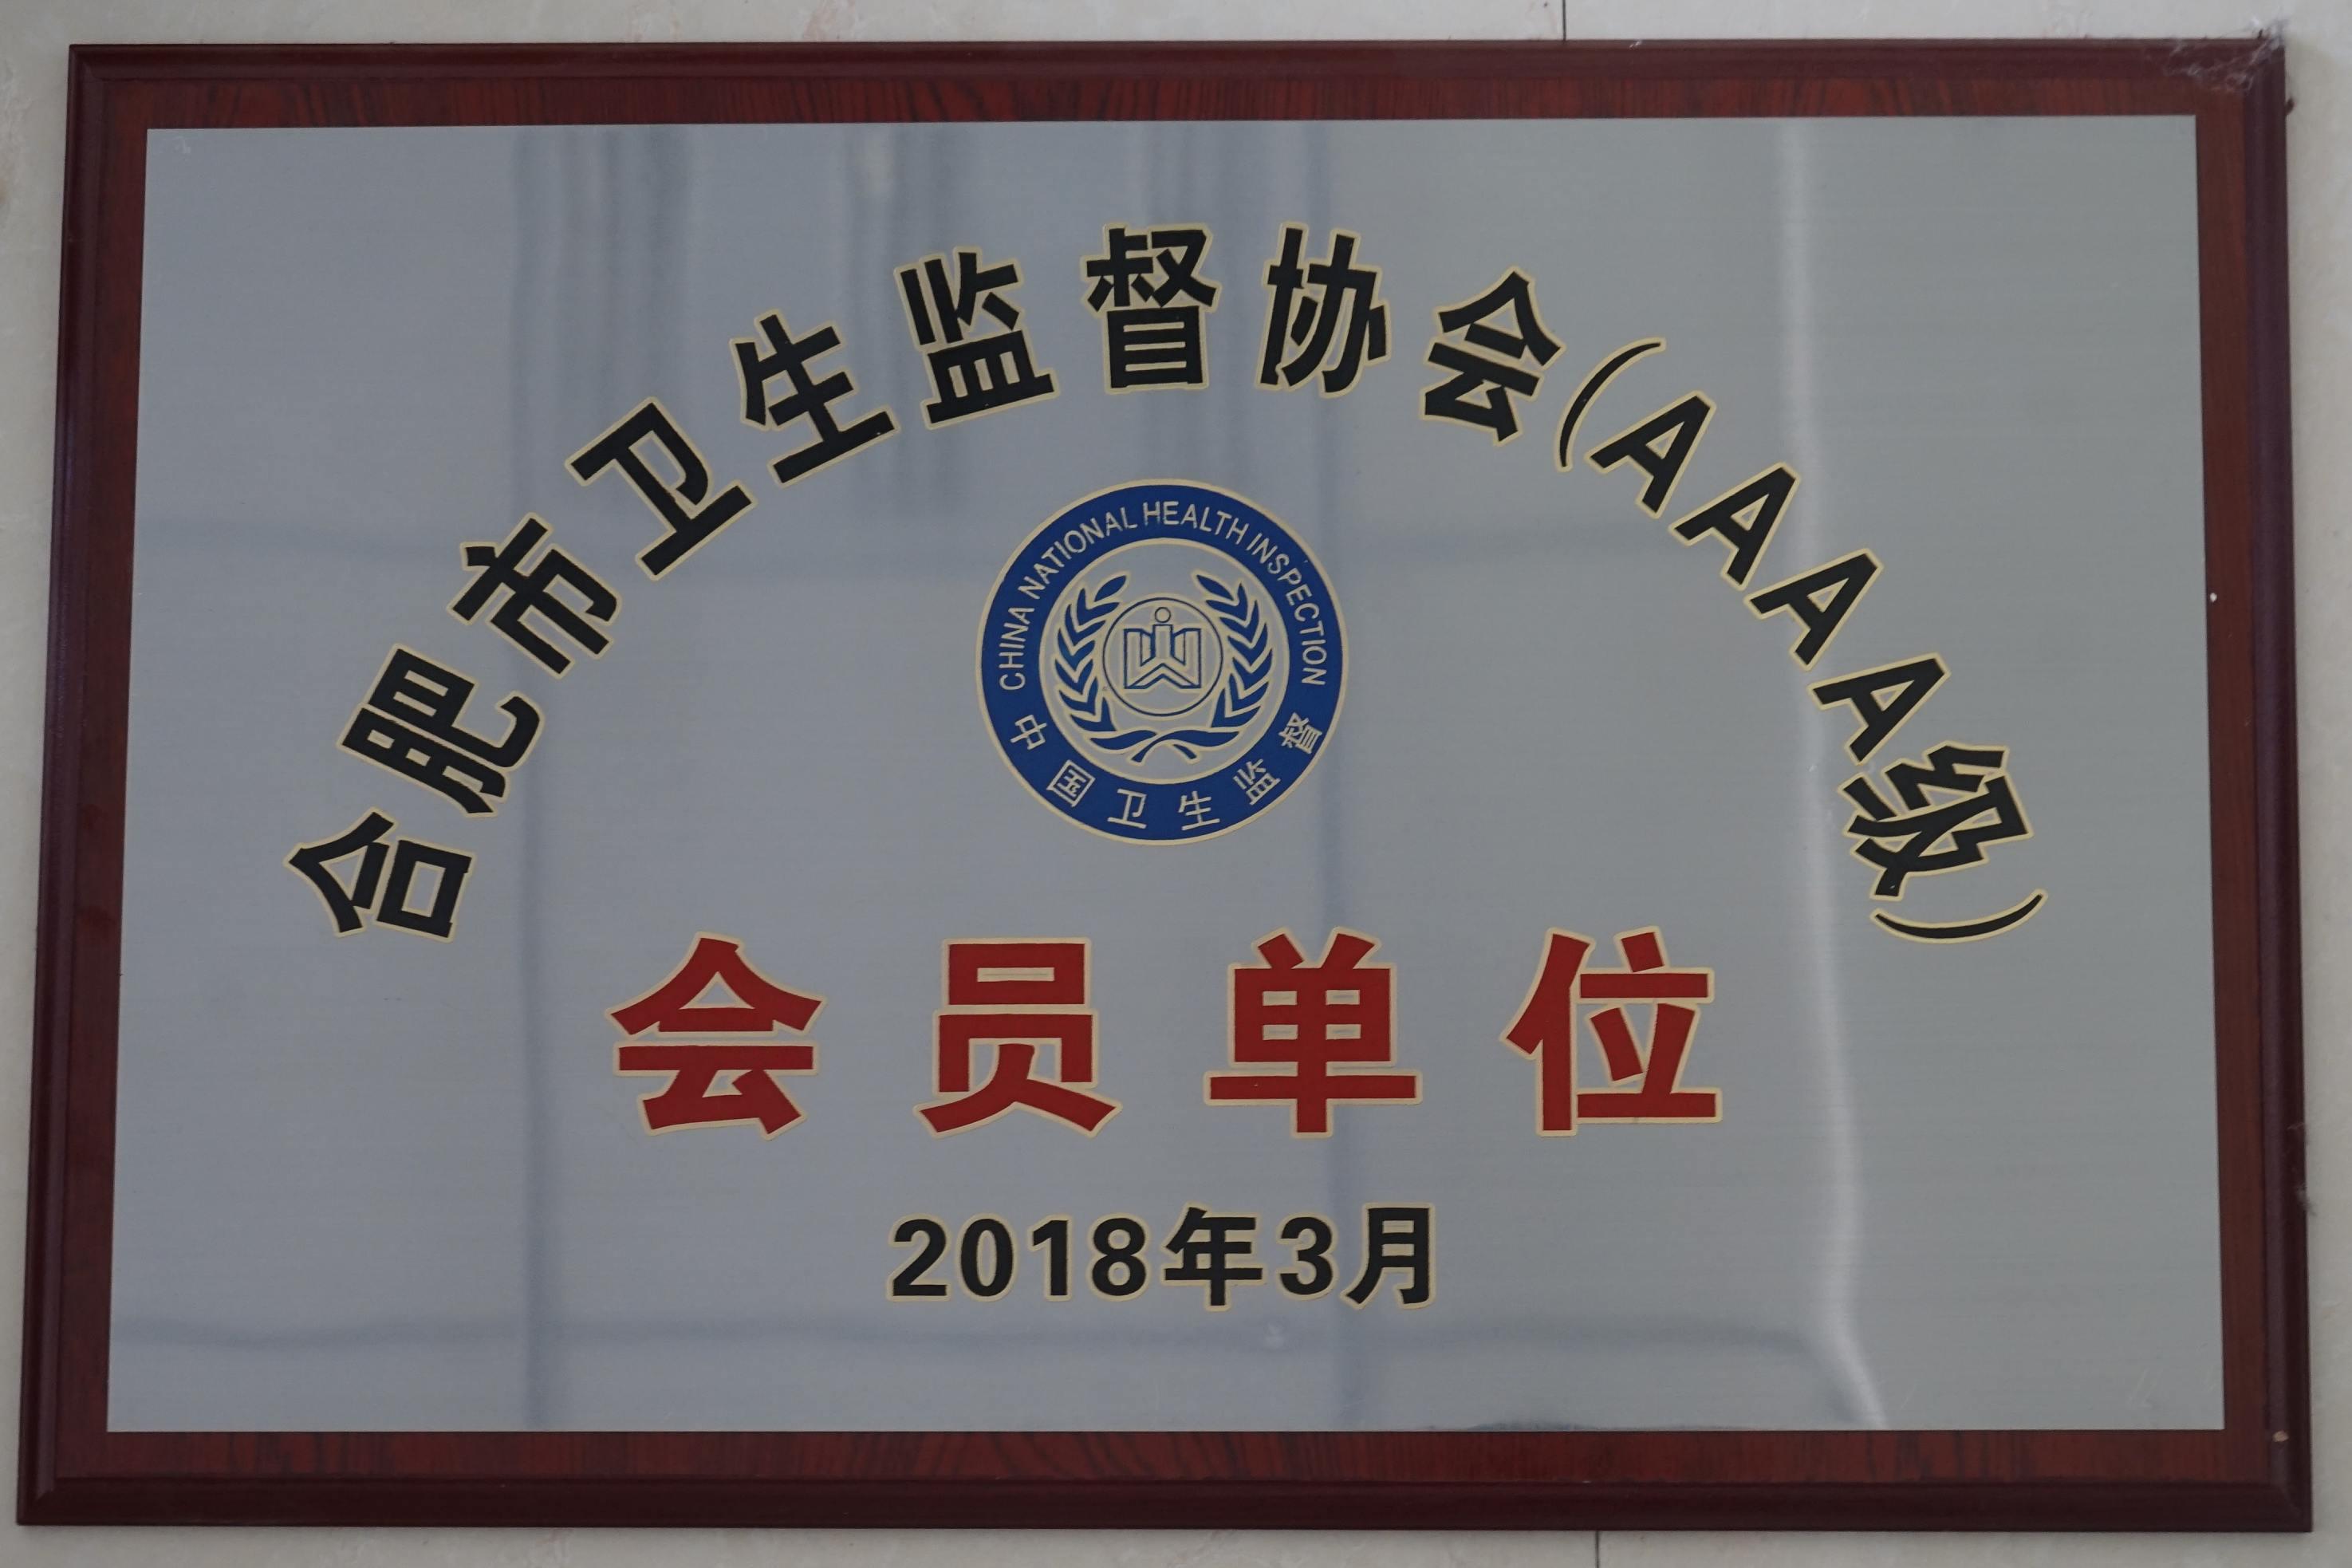 上海市卫生监督协会会员单位